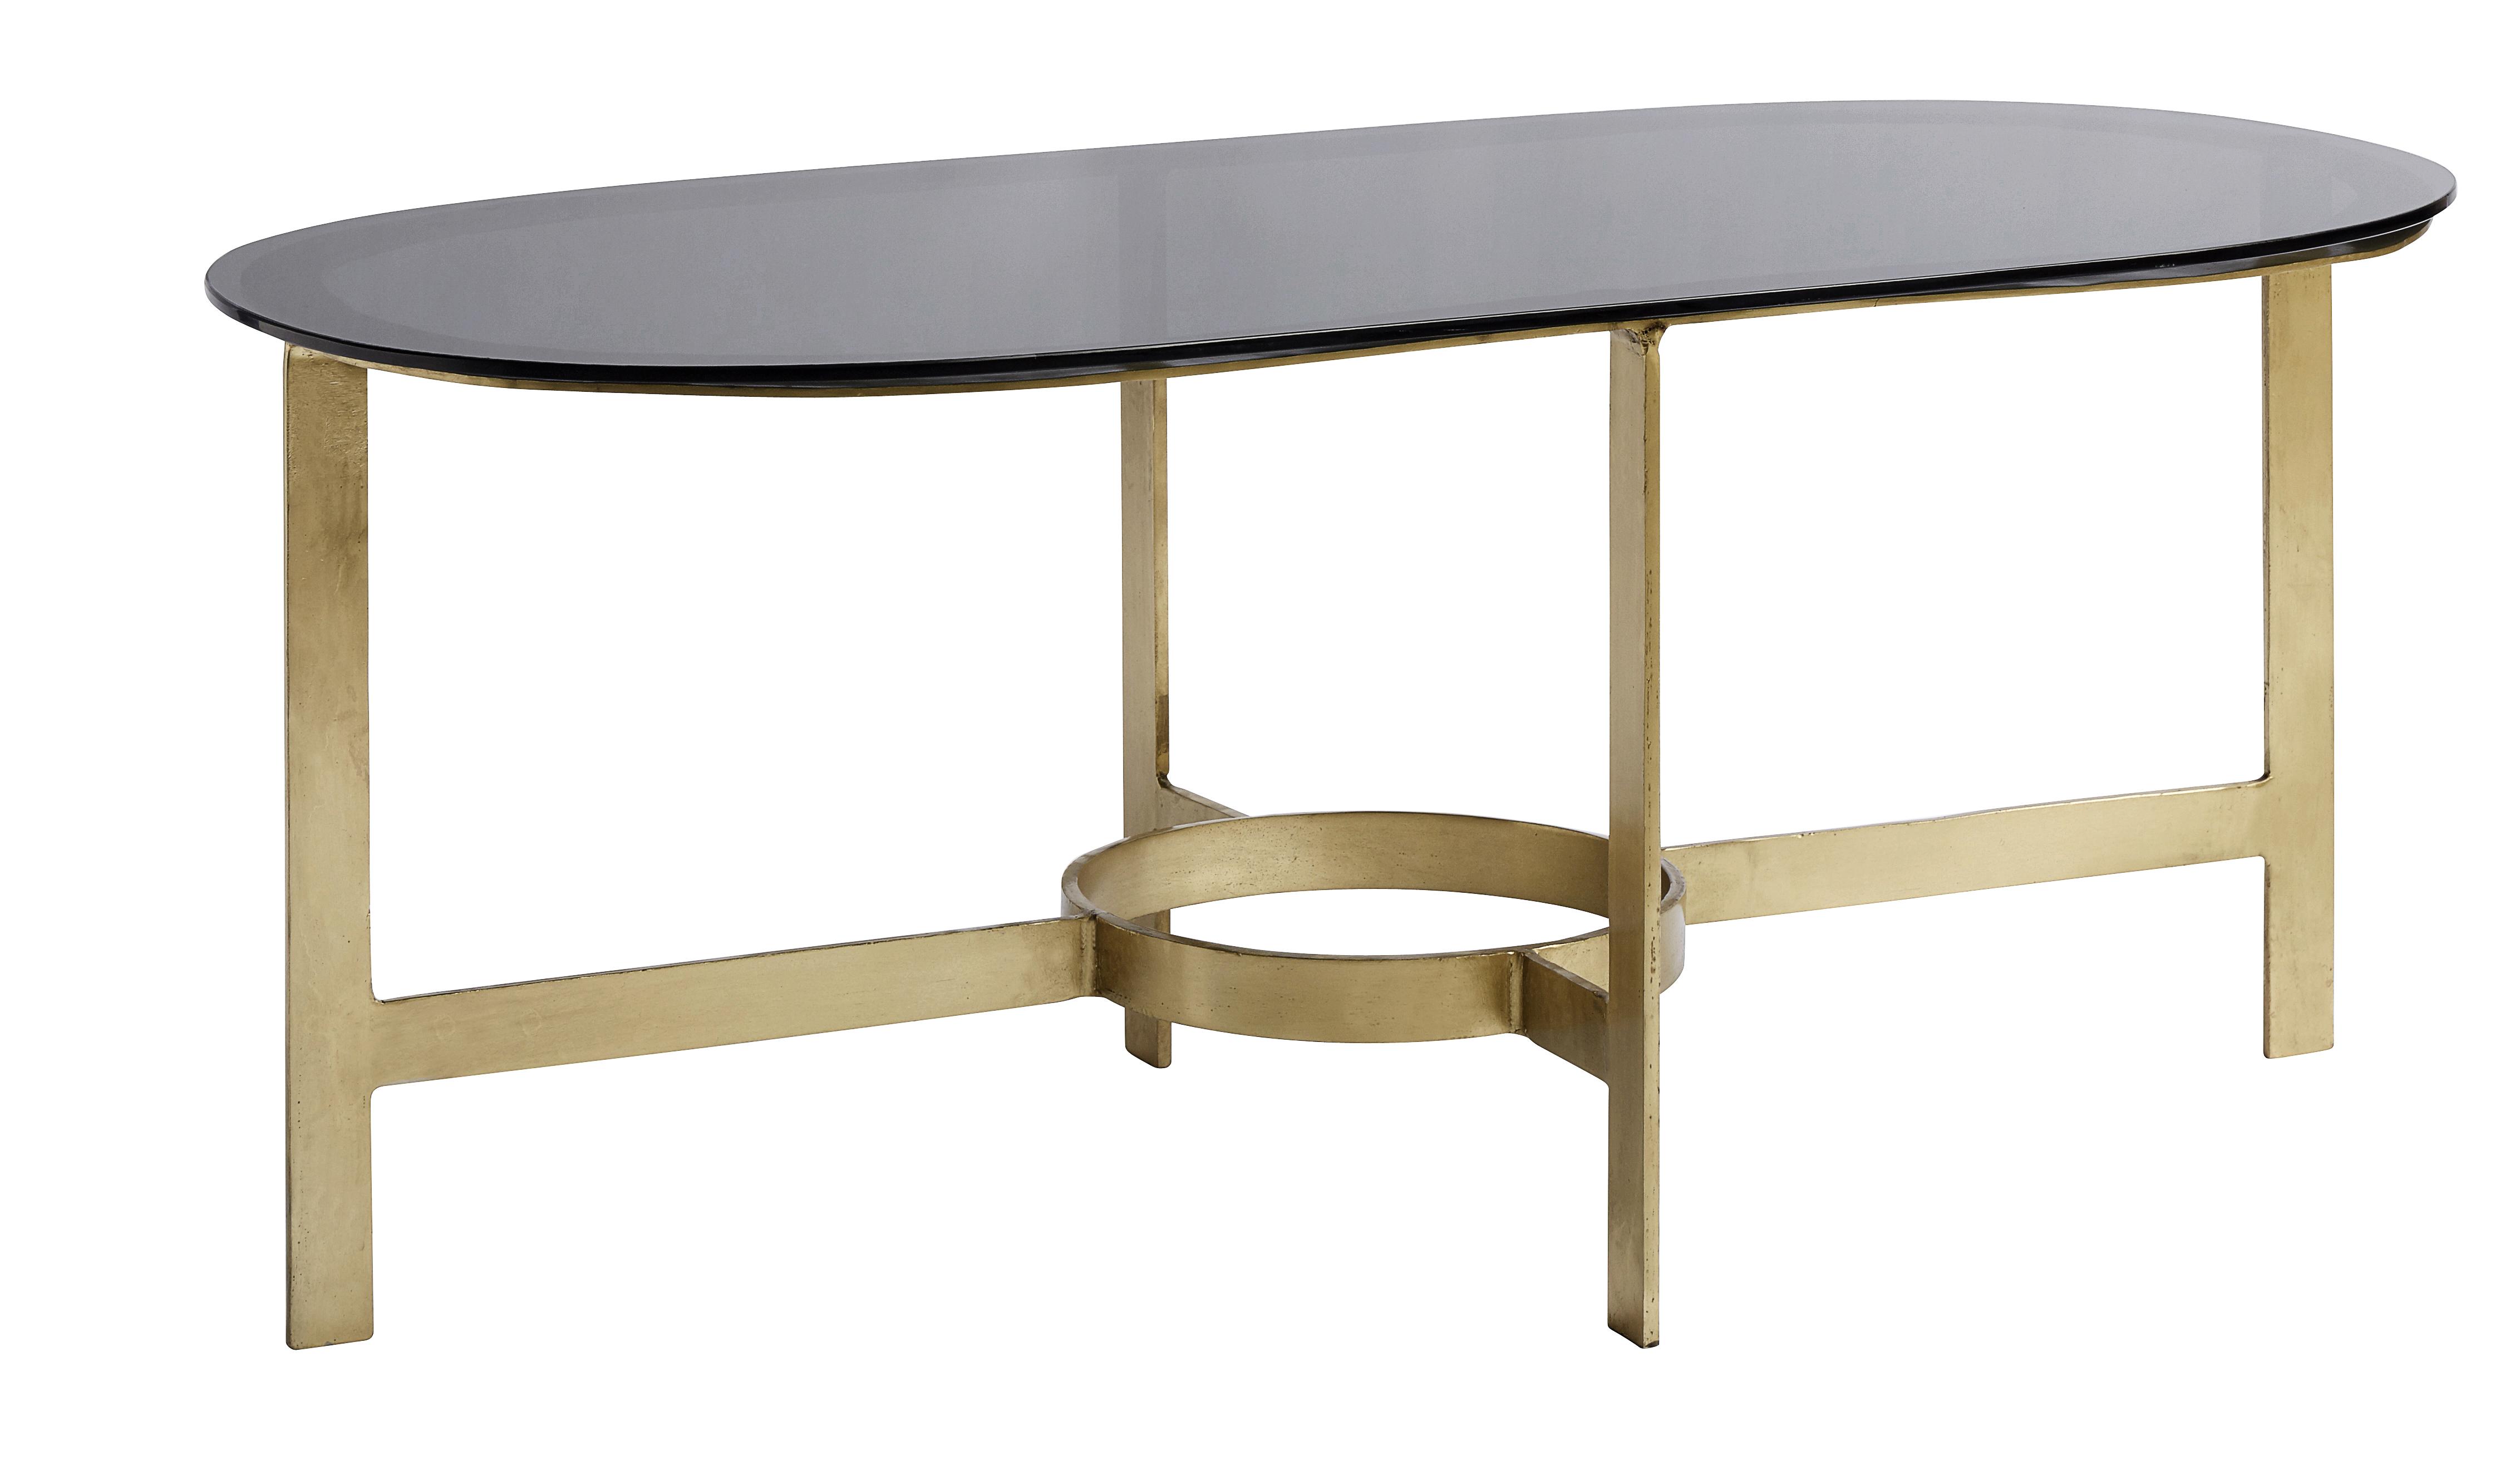 Roseville soffbord Vit | Soffbord Färger |